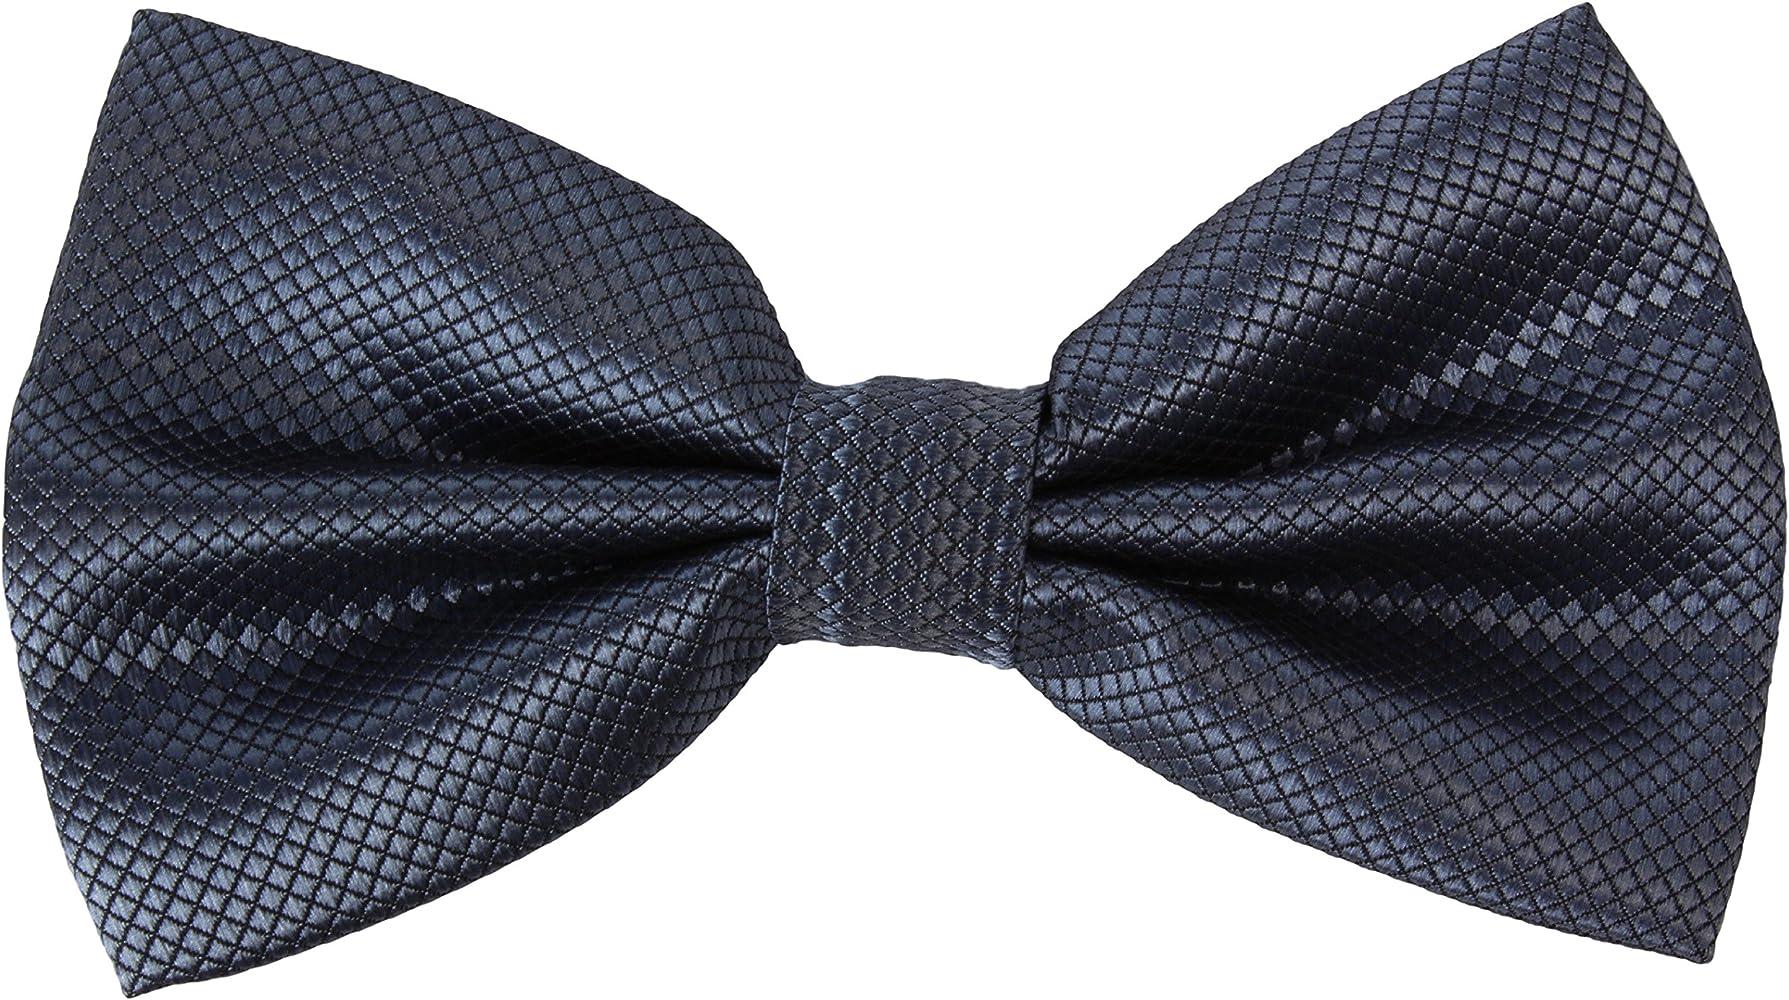 2Store24 Corbata de Lazo, Pajarita/cintas a cuadros en gris oscuro ...